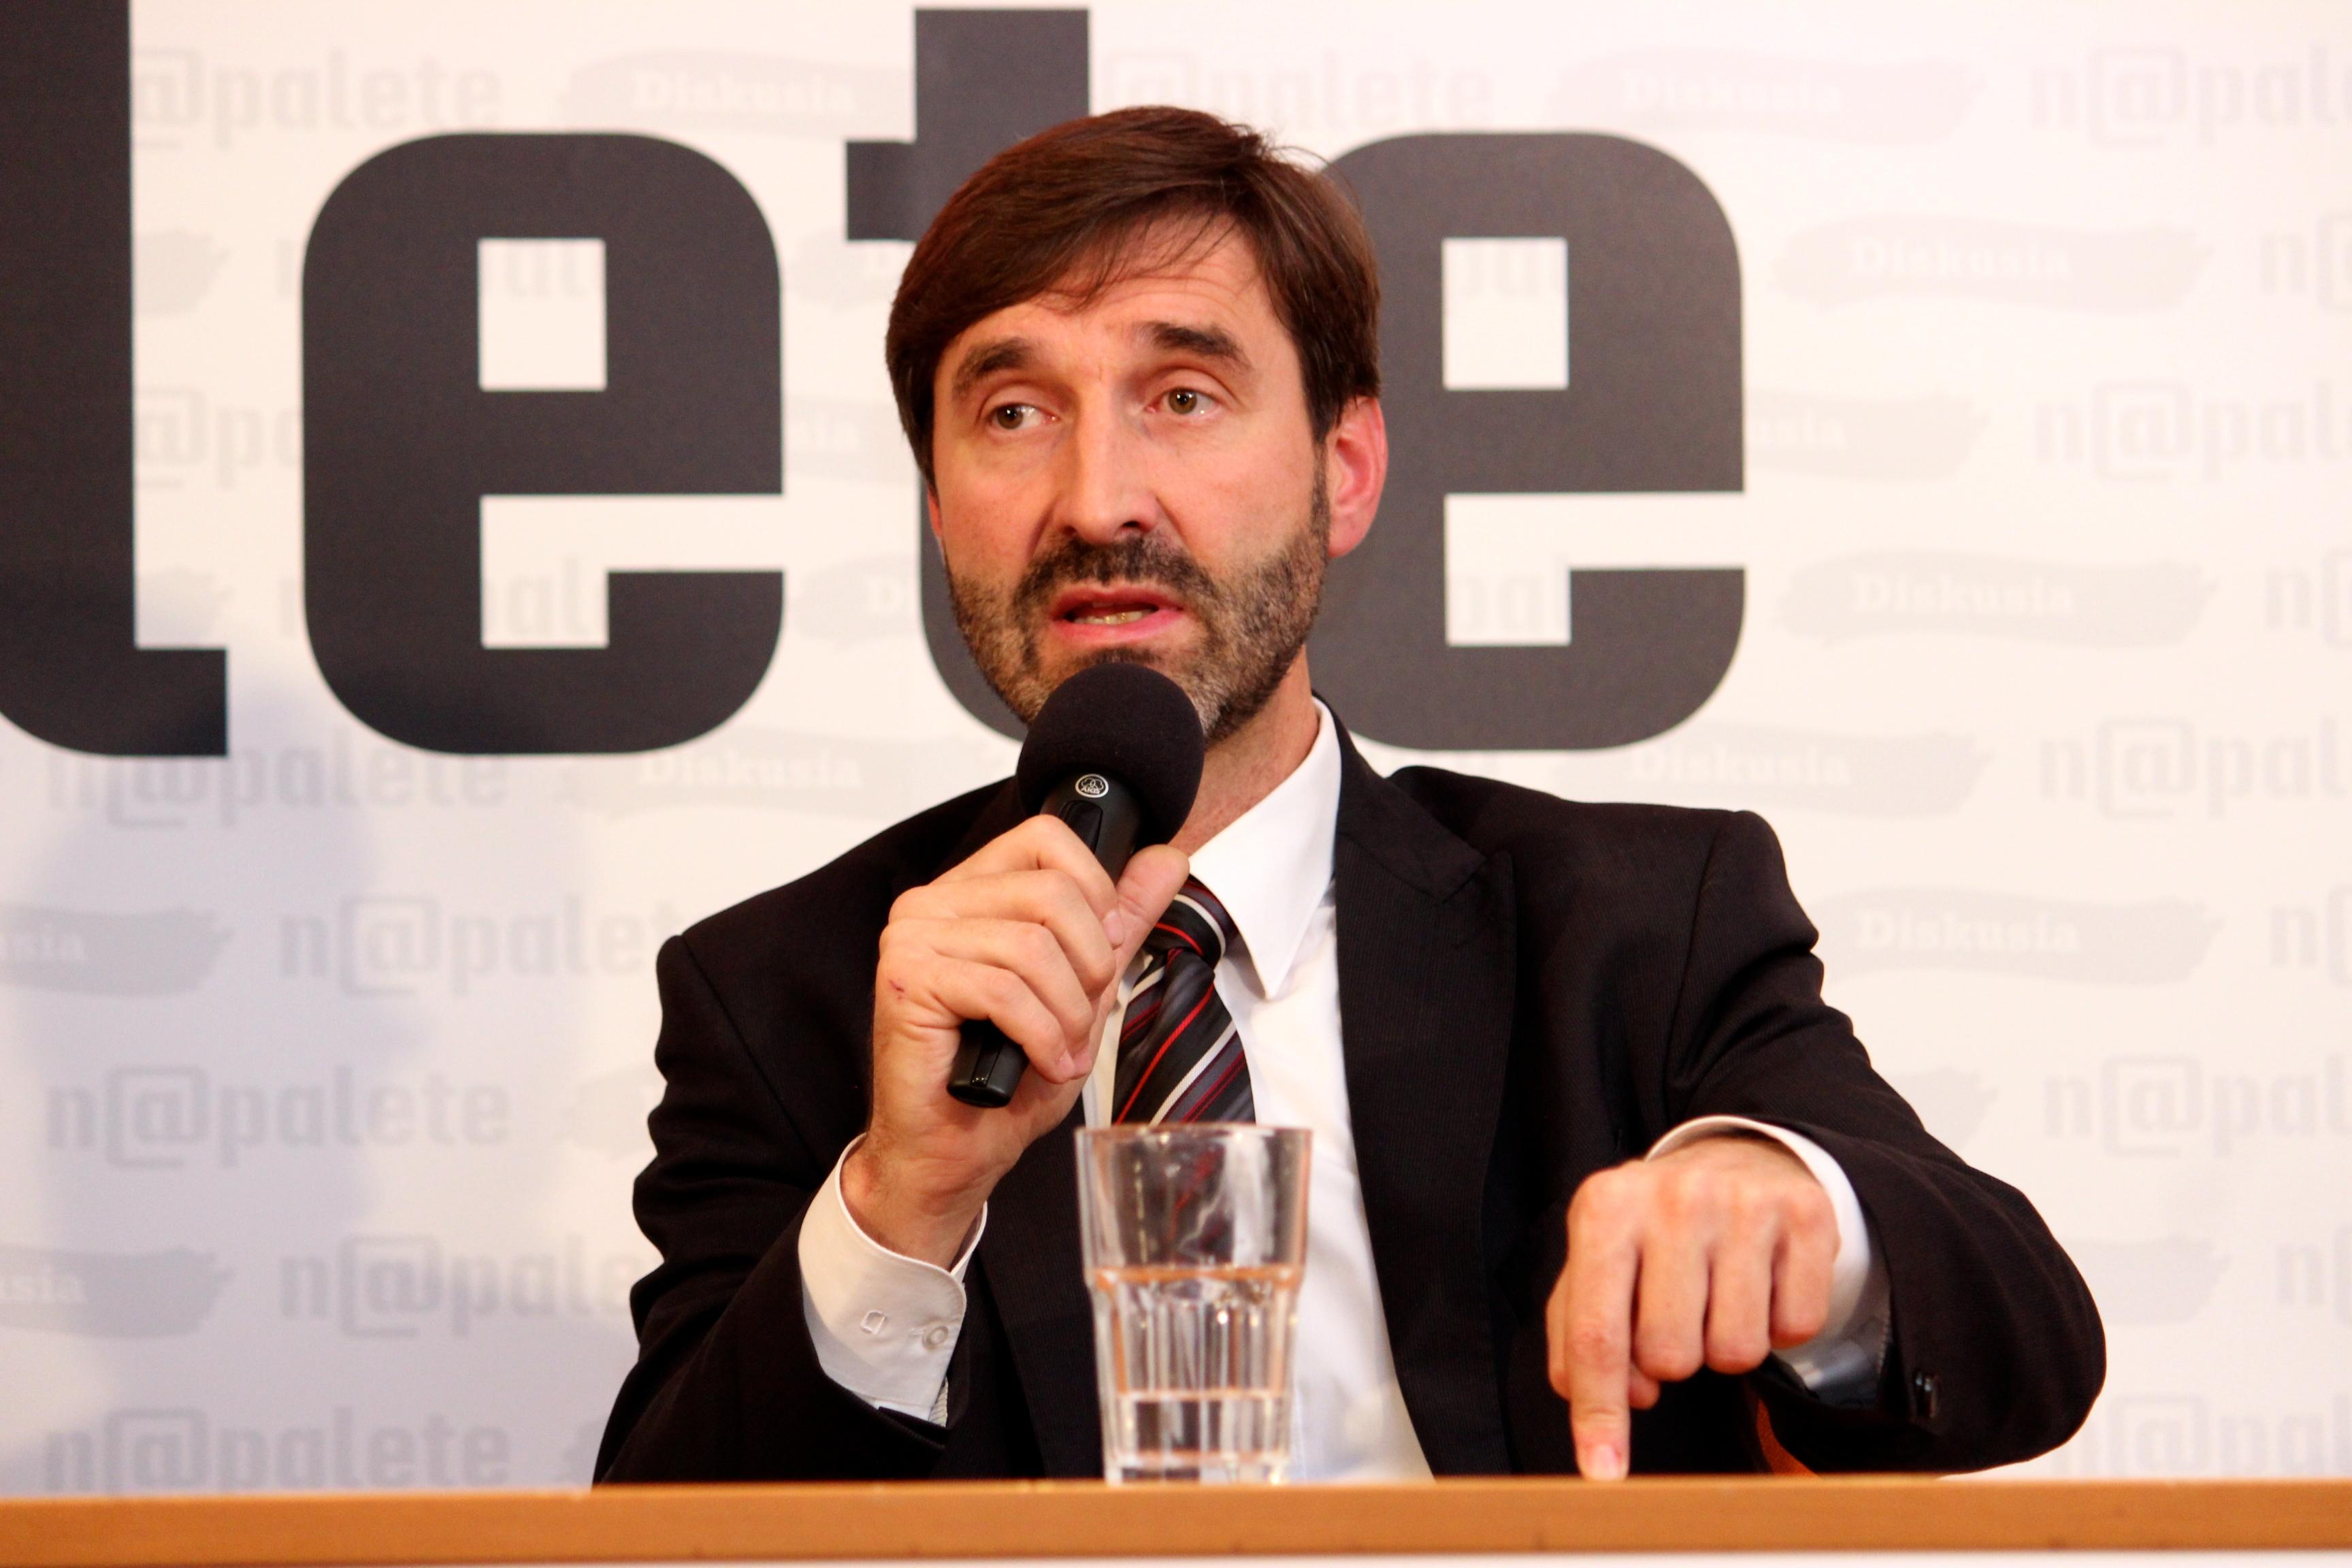 Podpredseda Zahraničného výboru NR SR a žilinský župan Juraj Blanár. (Foto: Michaela Kolimárová)